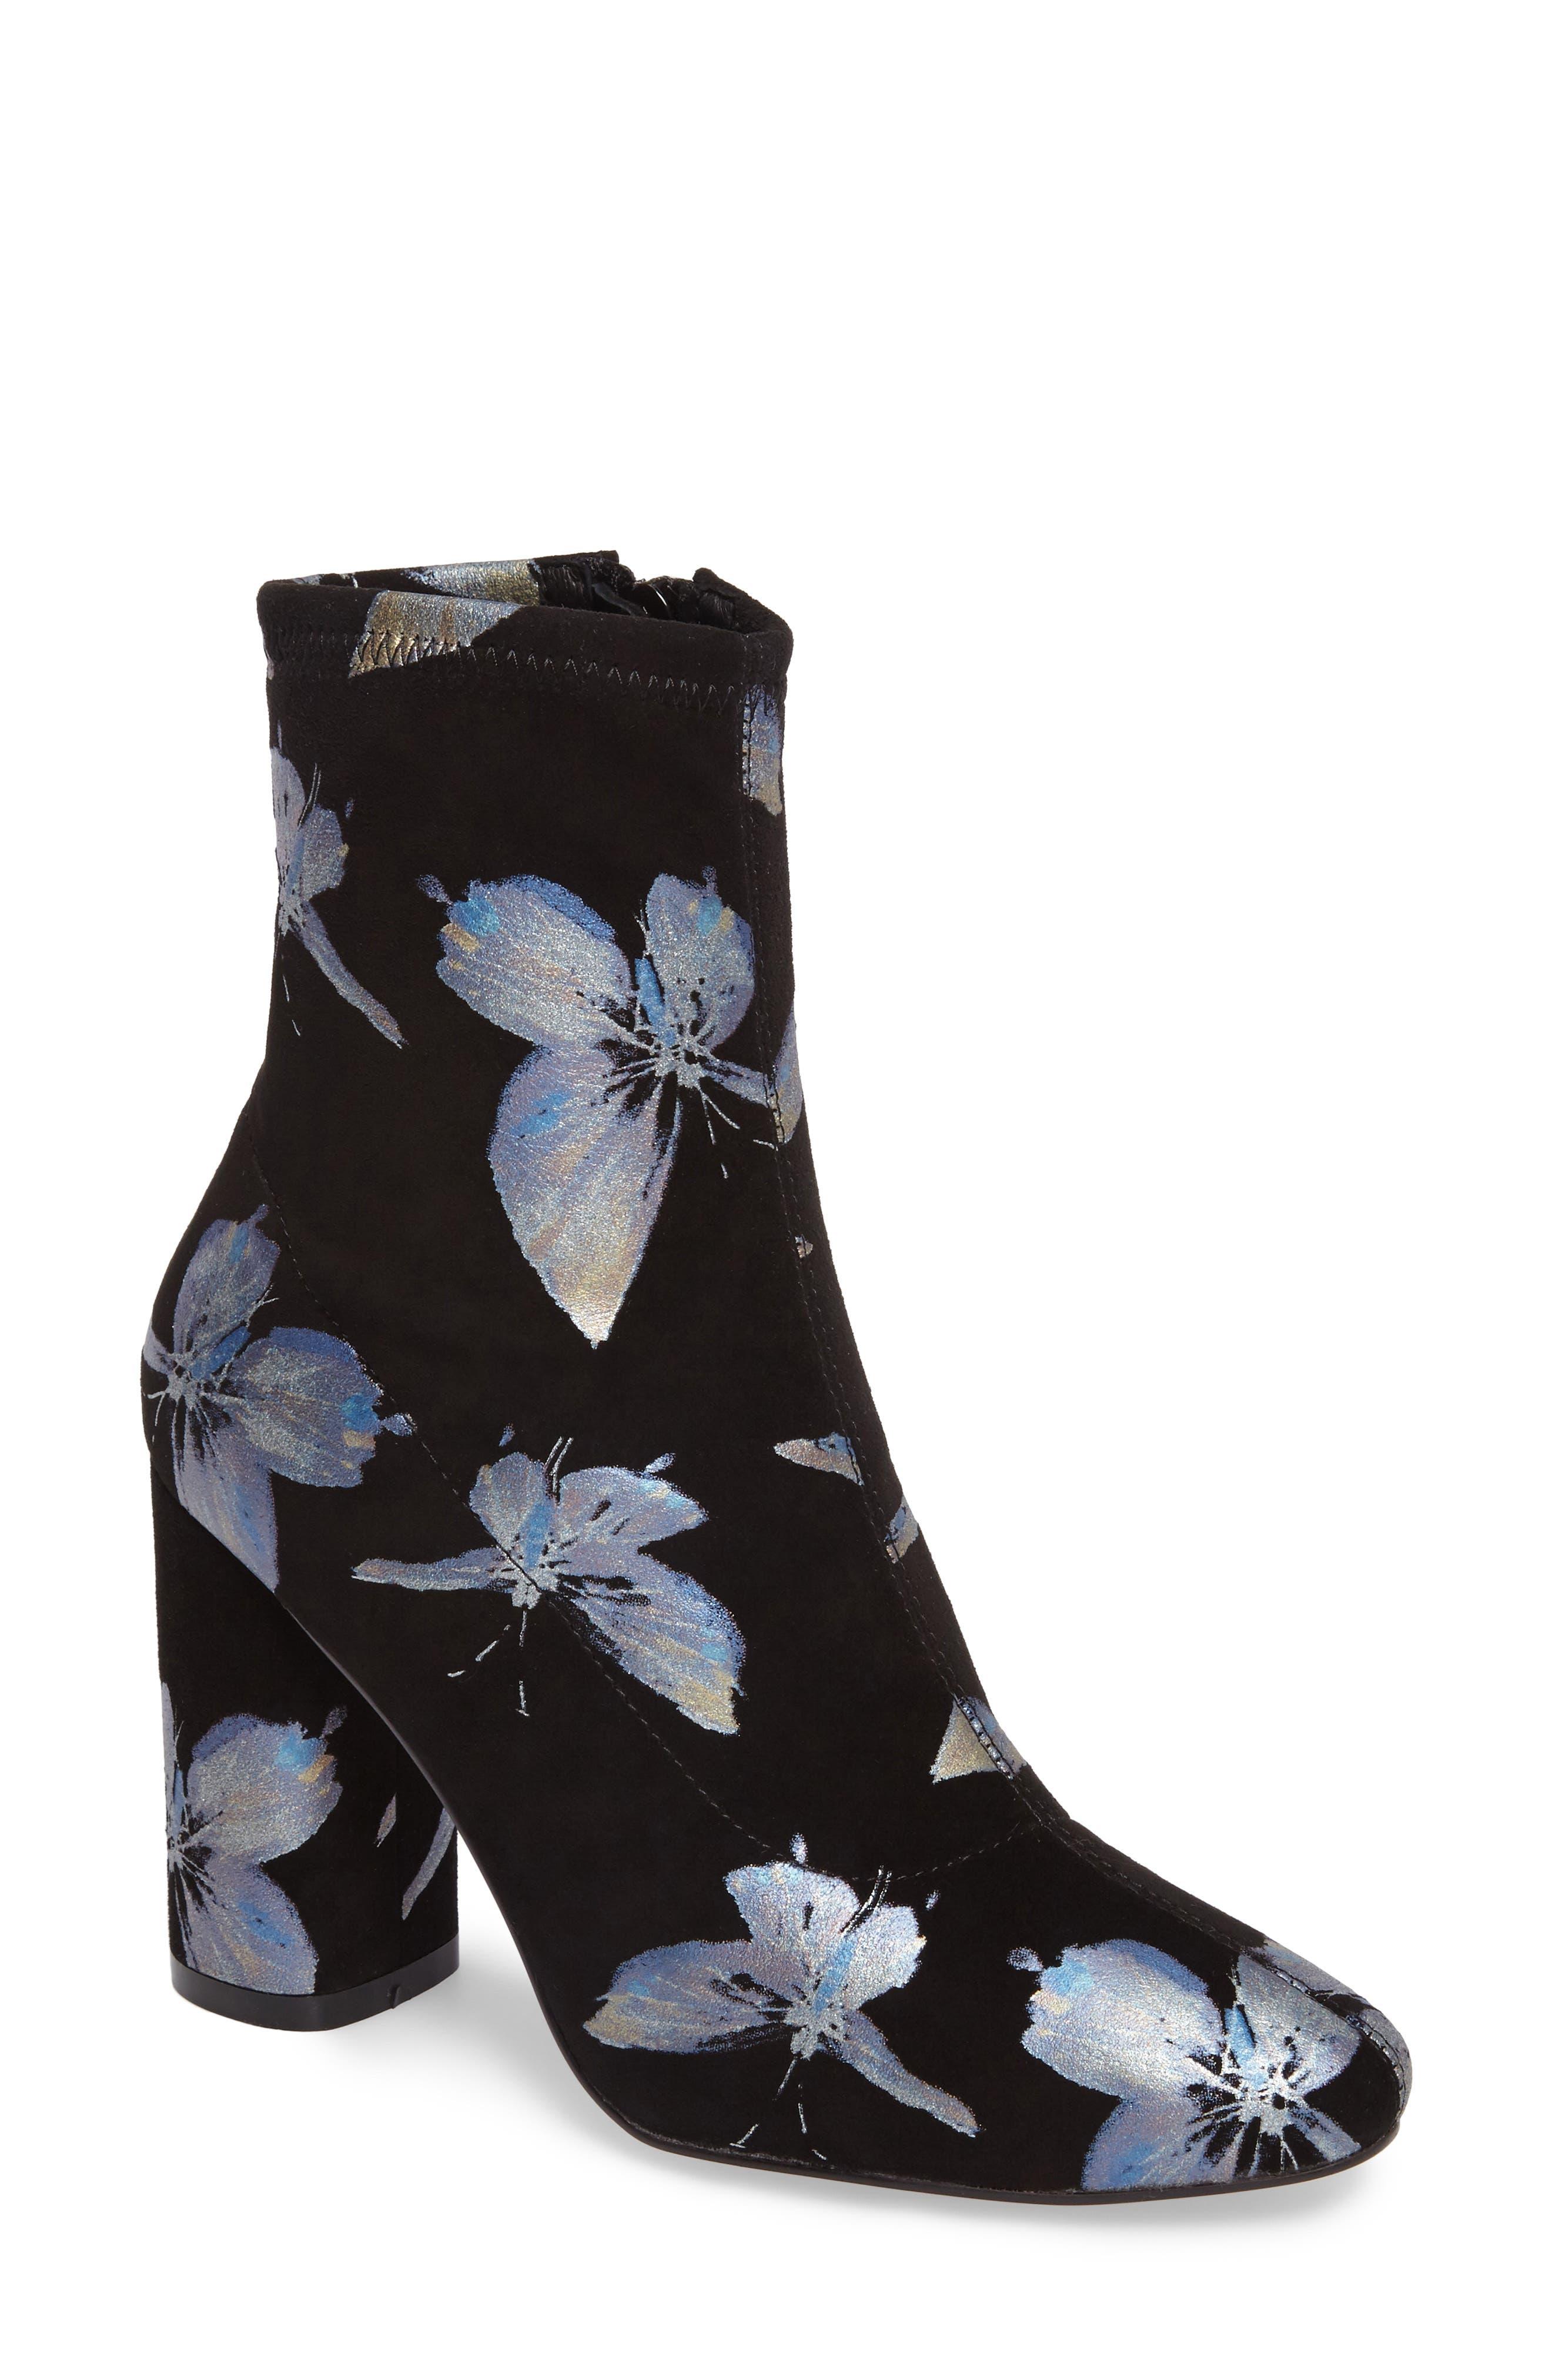 Main Image - Cecelia New York Fredda Butterfly Sock Bootie (Women)